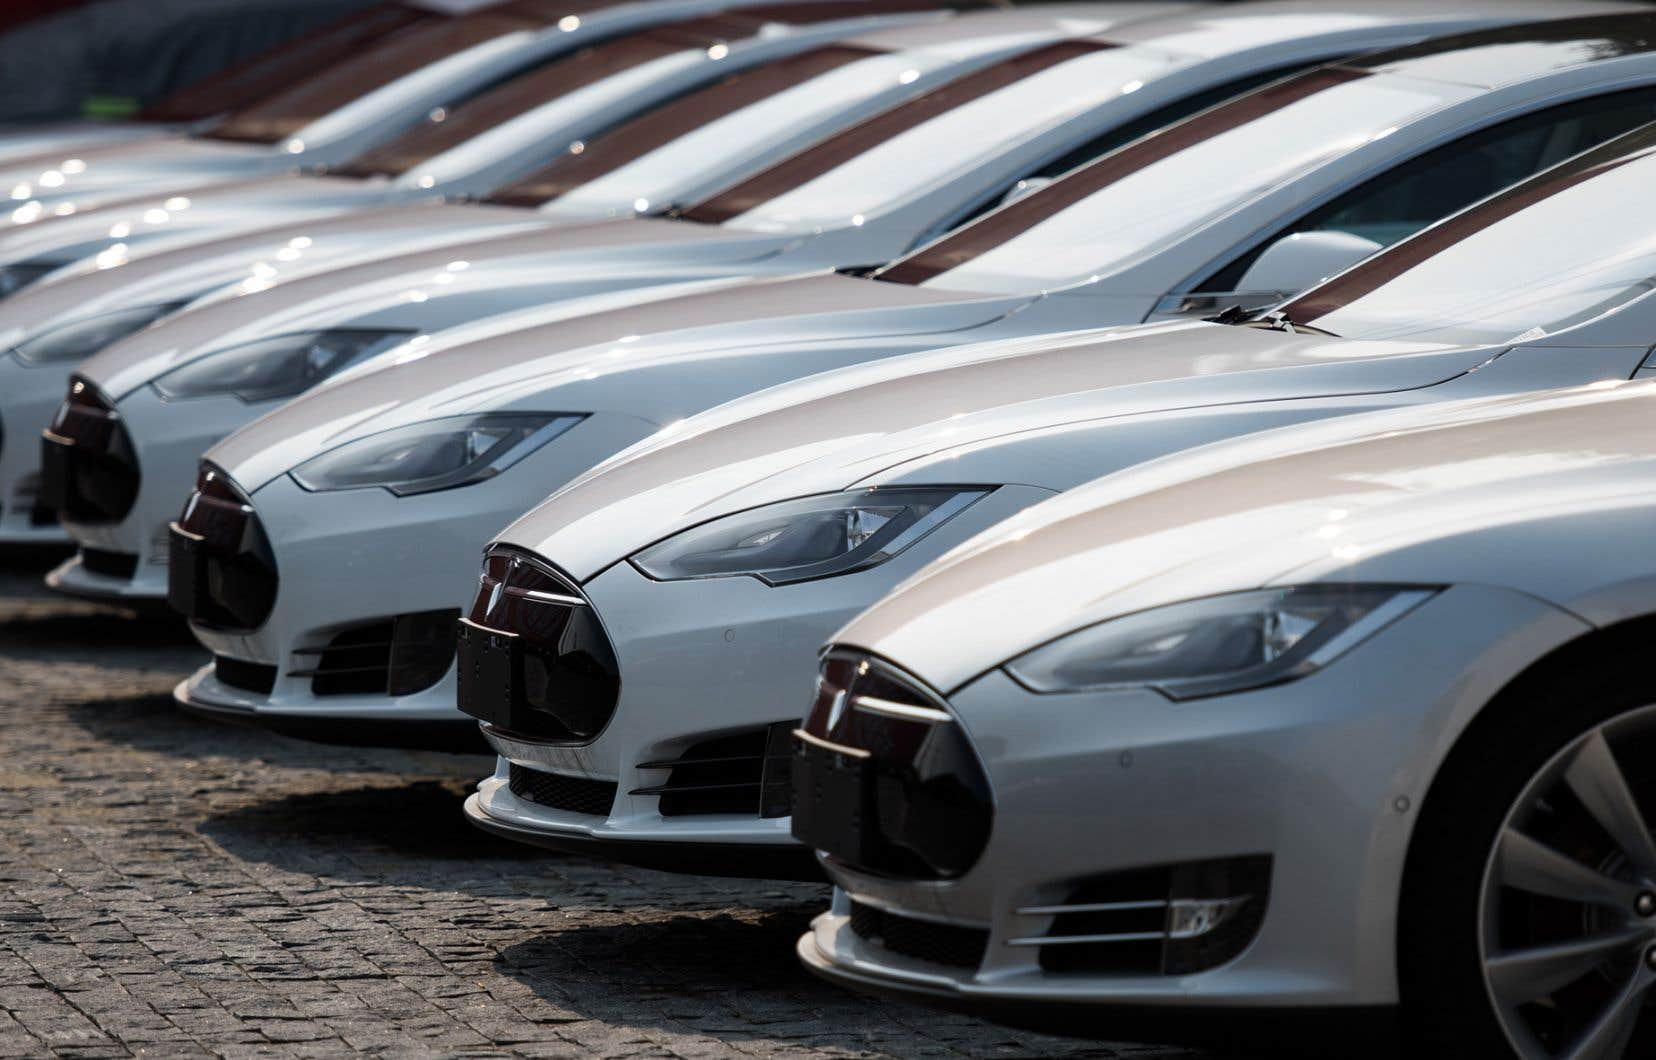 La production de Tesla à Shanghai commencera deux à trois ans après le début de la construction de l'usine. Sa cadence atteindra éventuellement 500000 véhicules par an.